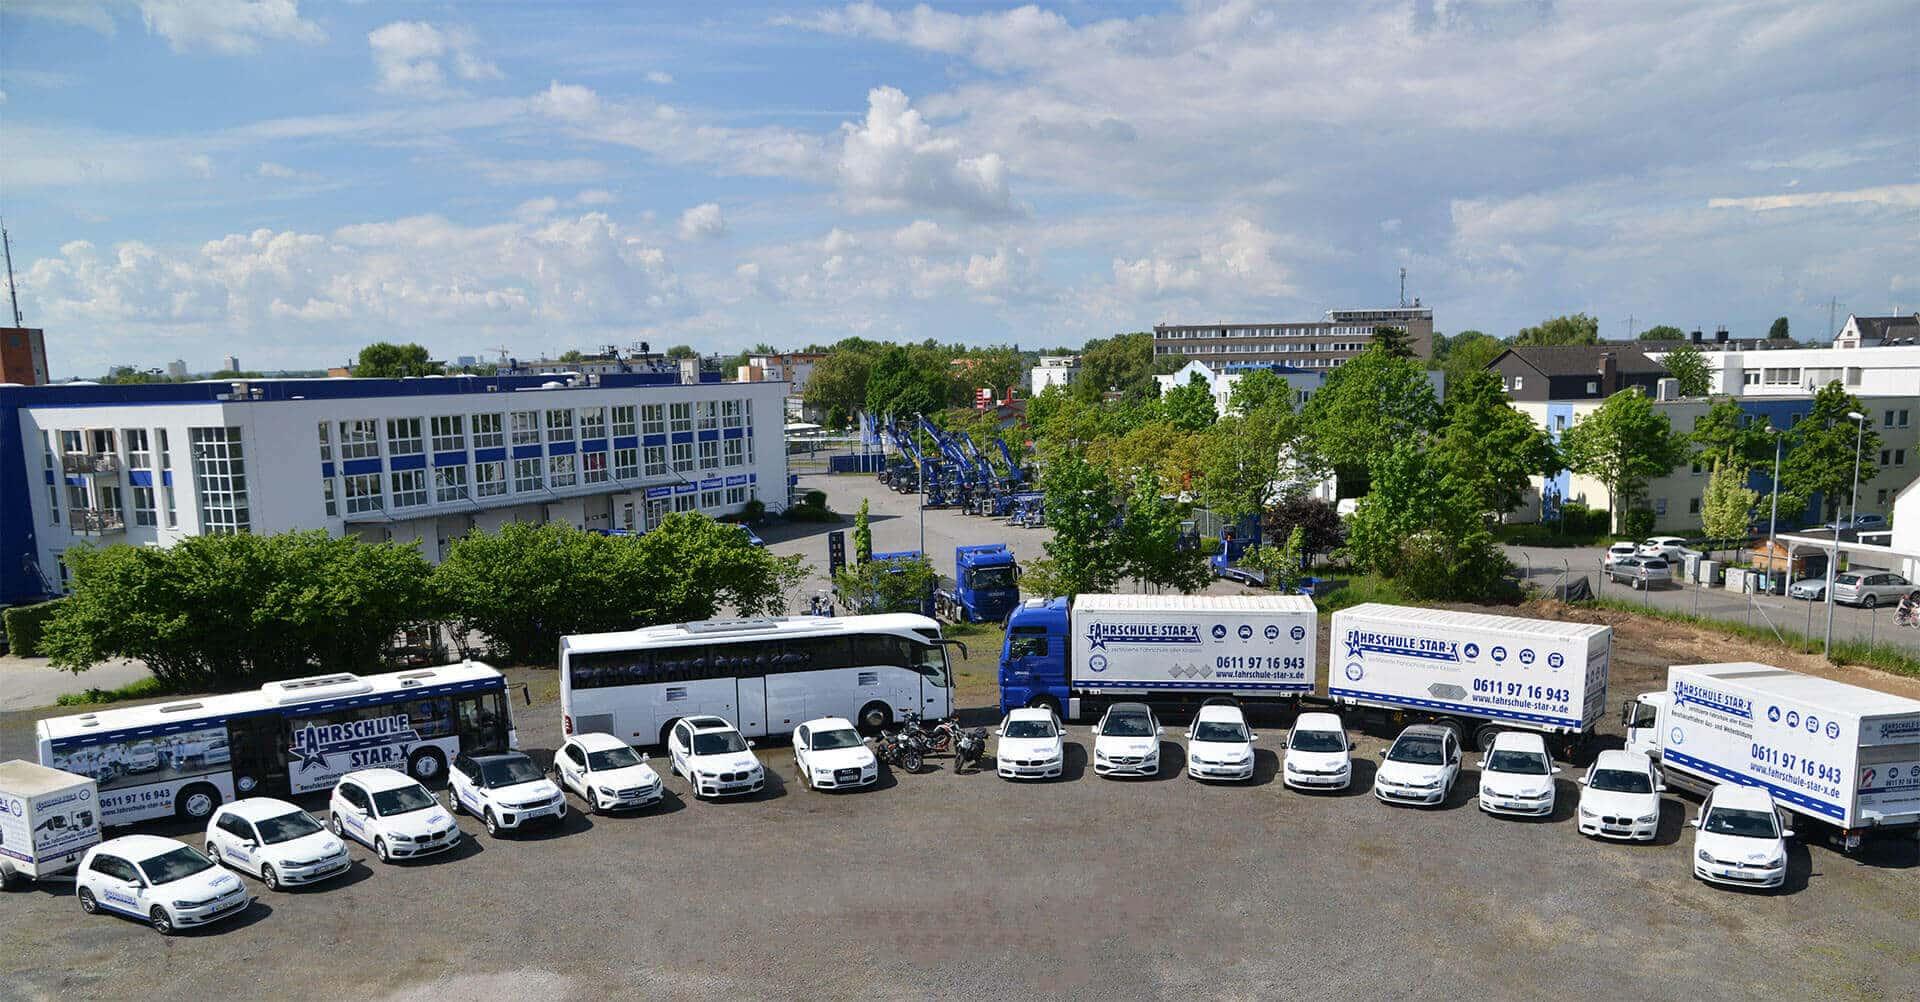 Fahrschule STAR-X Wiesbaden